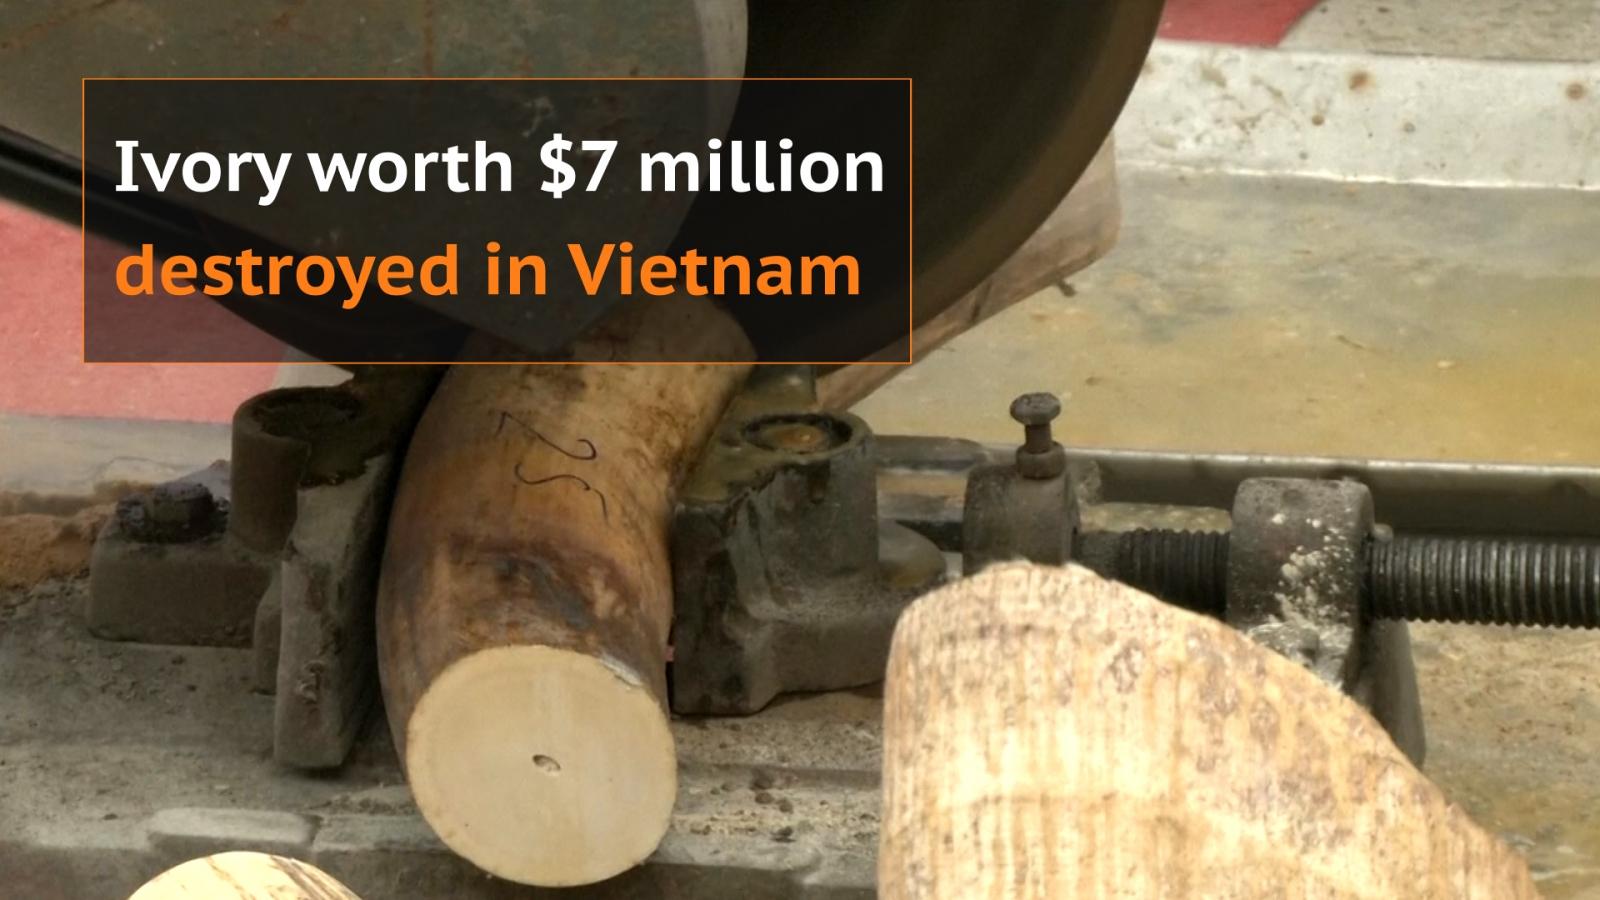 Vietnam destroys ivory worth $7 million